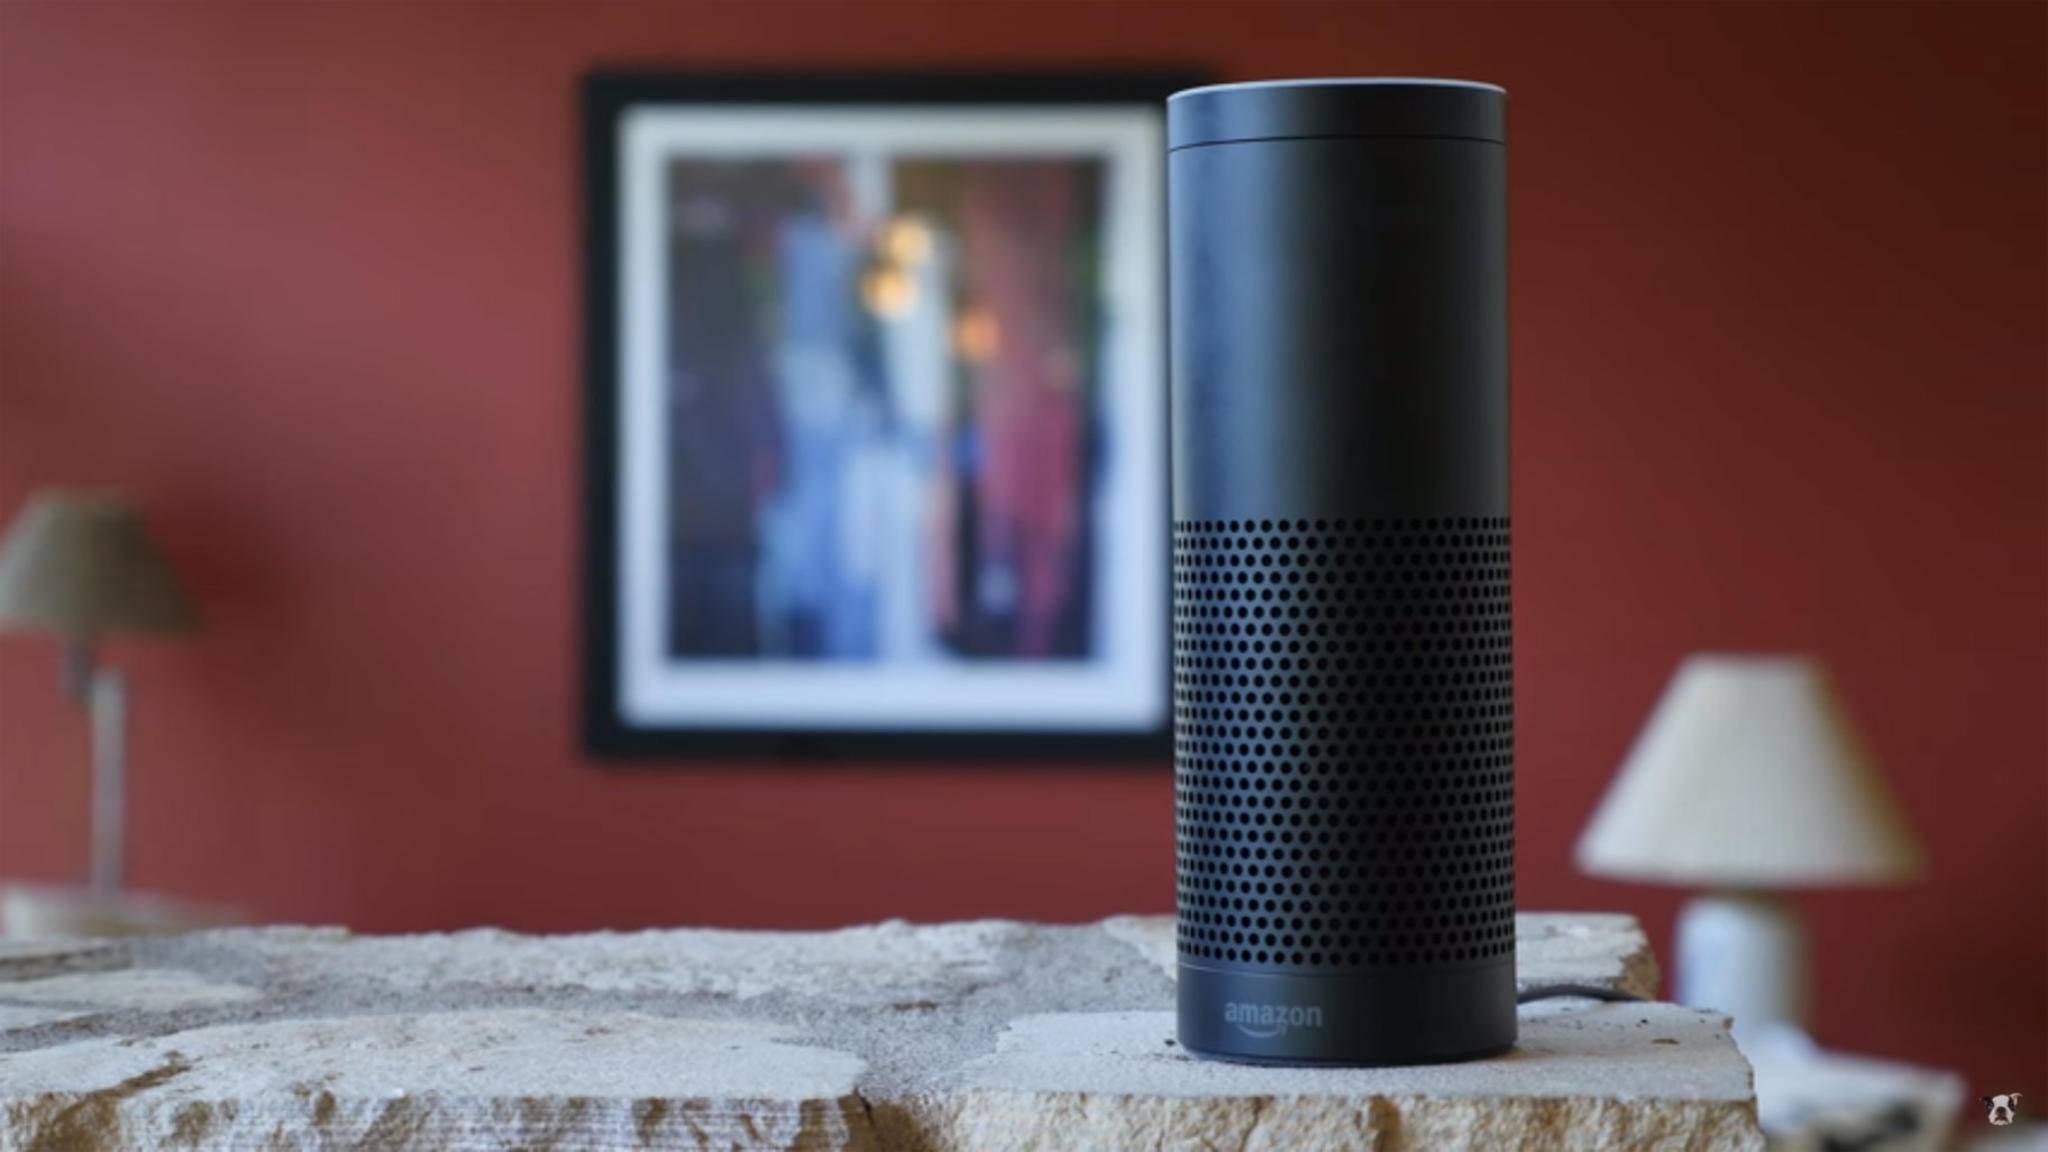 Soll künftig vermehrt Signaltöne als Feedback auf Befehle ausgeben: Der Smart Speaker Amazon Echo.